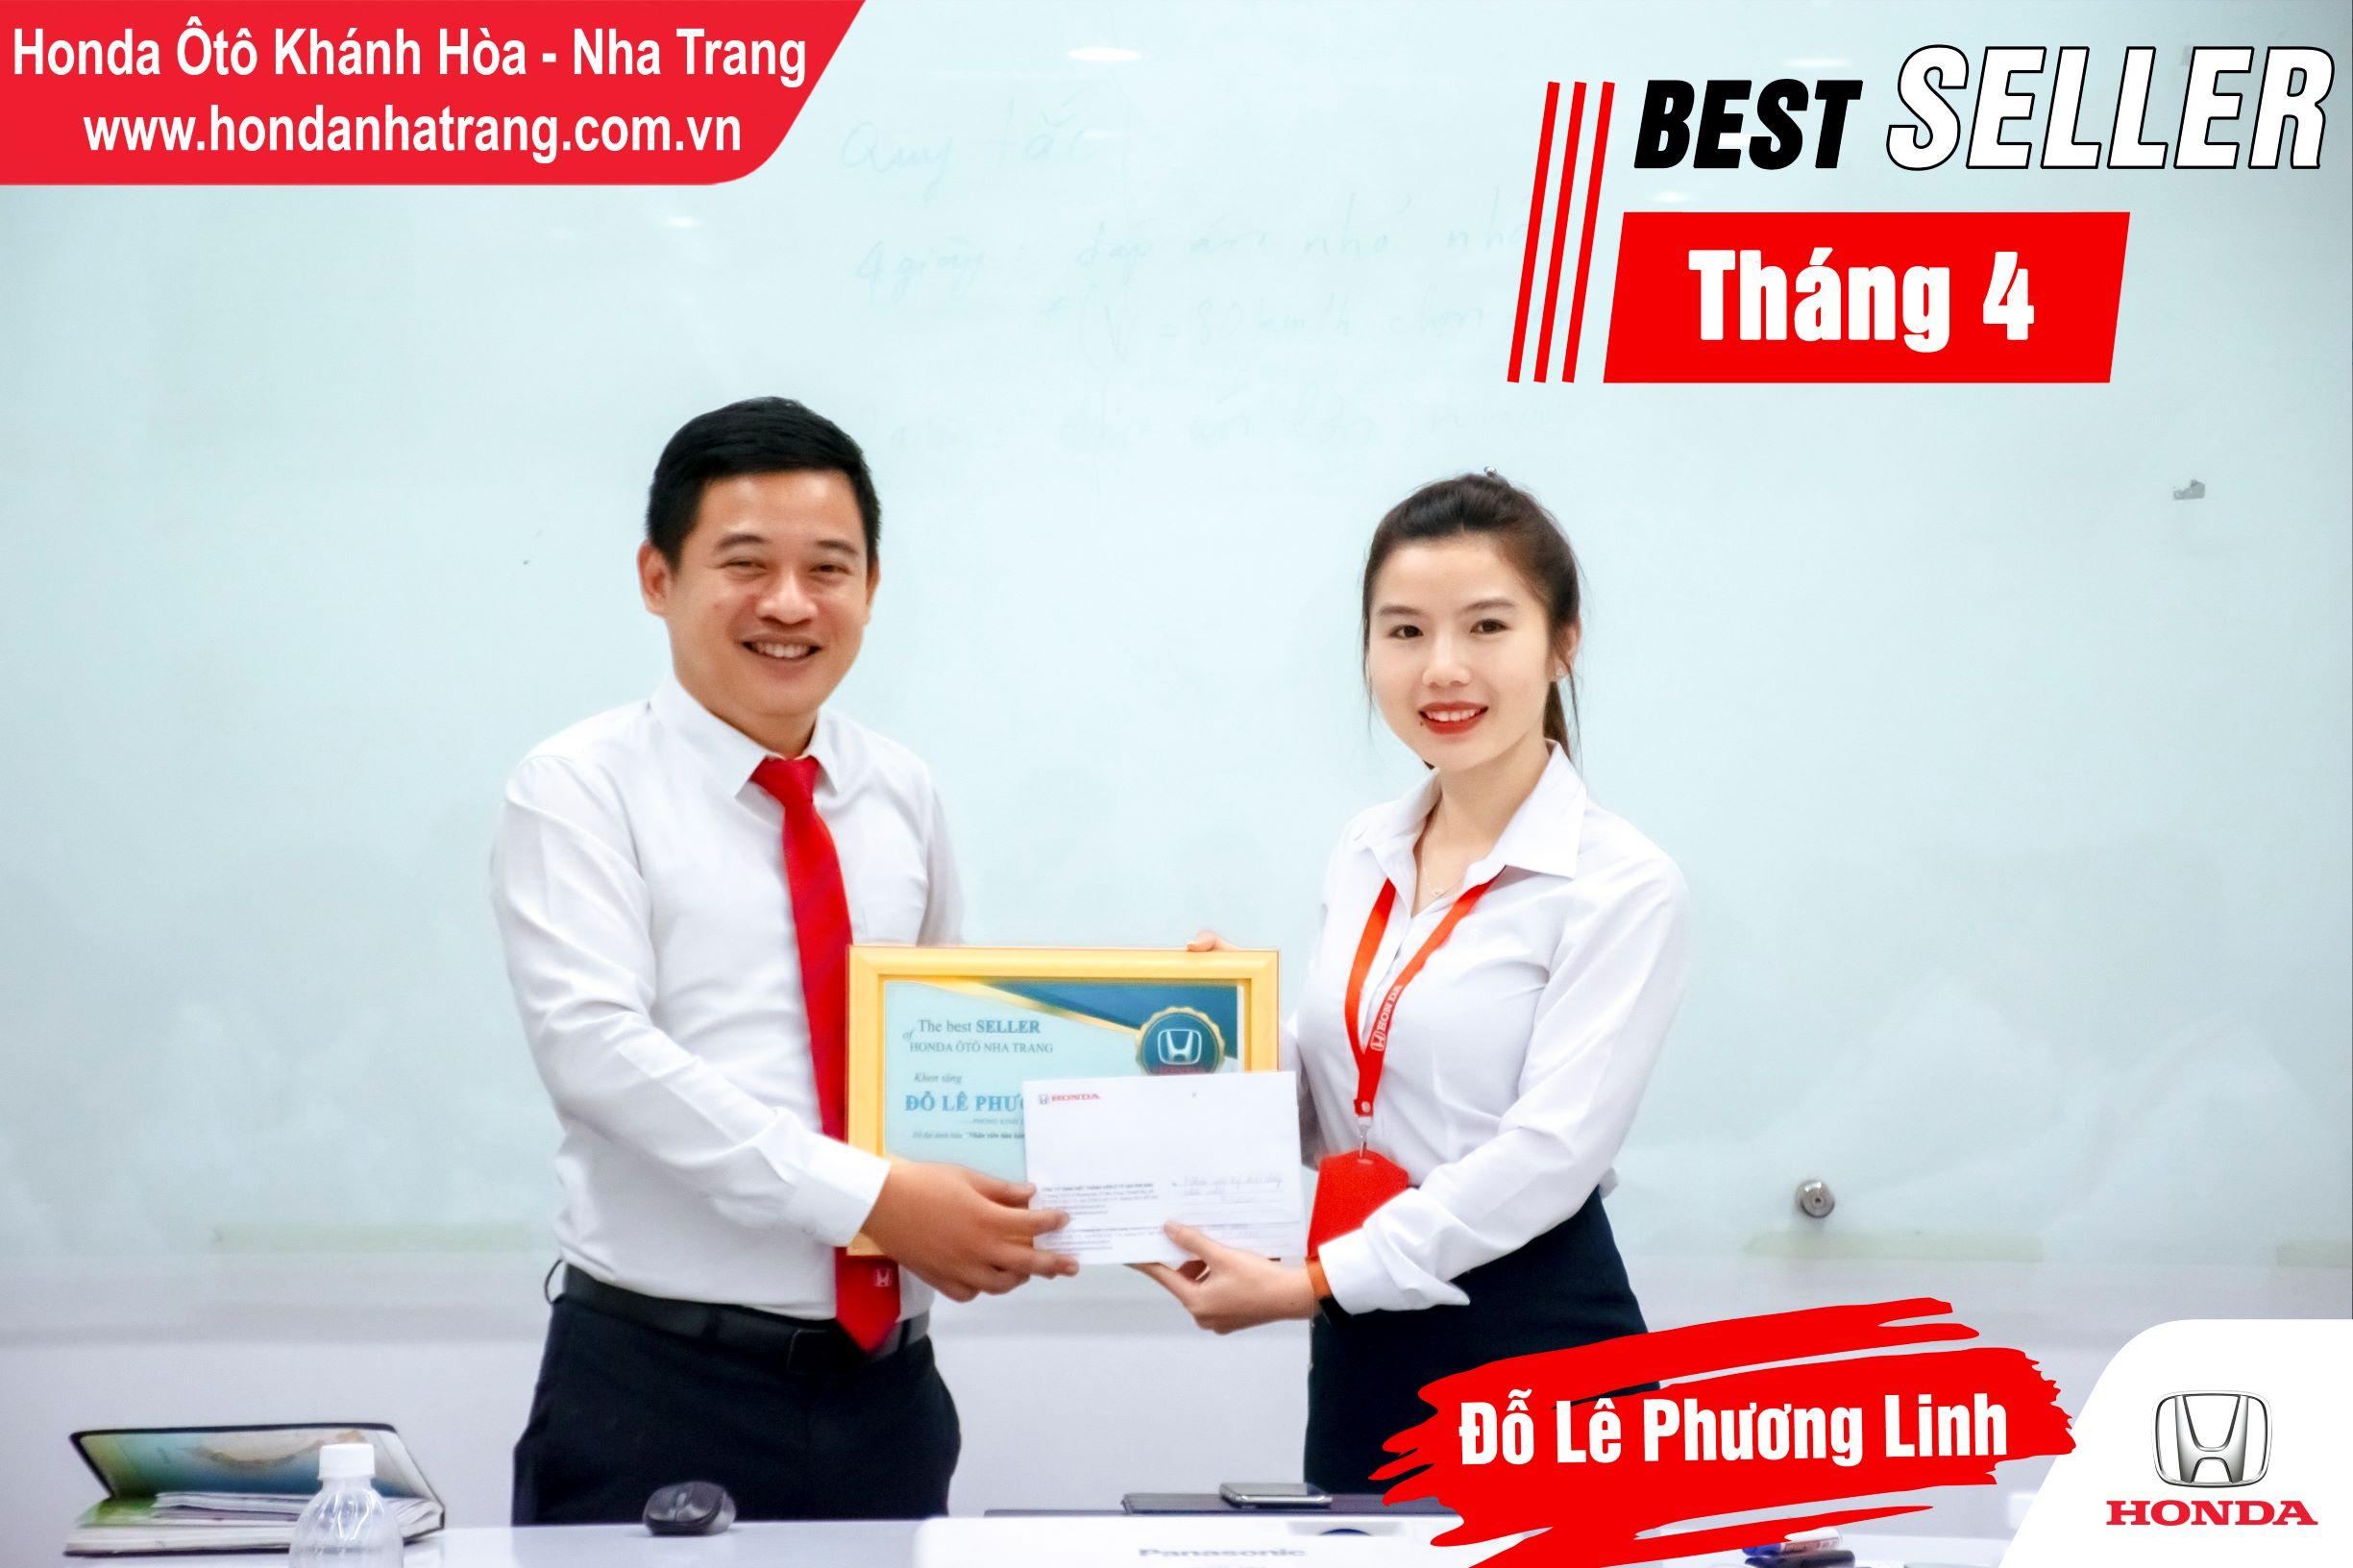 Xin chúc mừng chị Đỗ Lê Phương Linh, anh Đinh Bảo Duy đã xuất sắc đạt được giải thưởng Best Seller Tháng 04